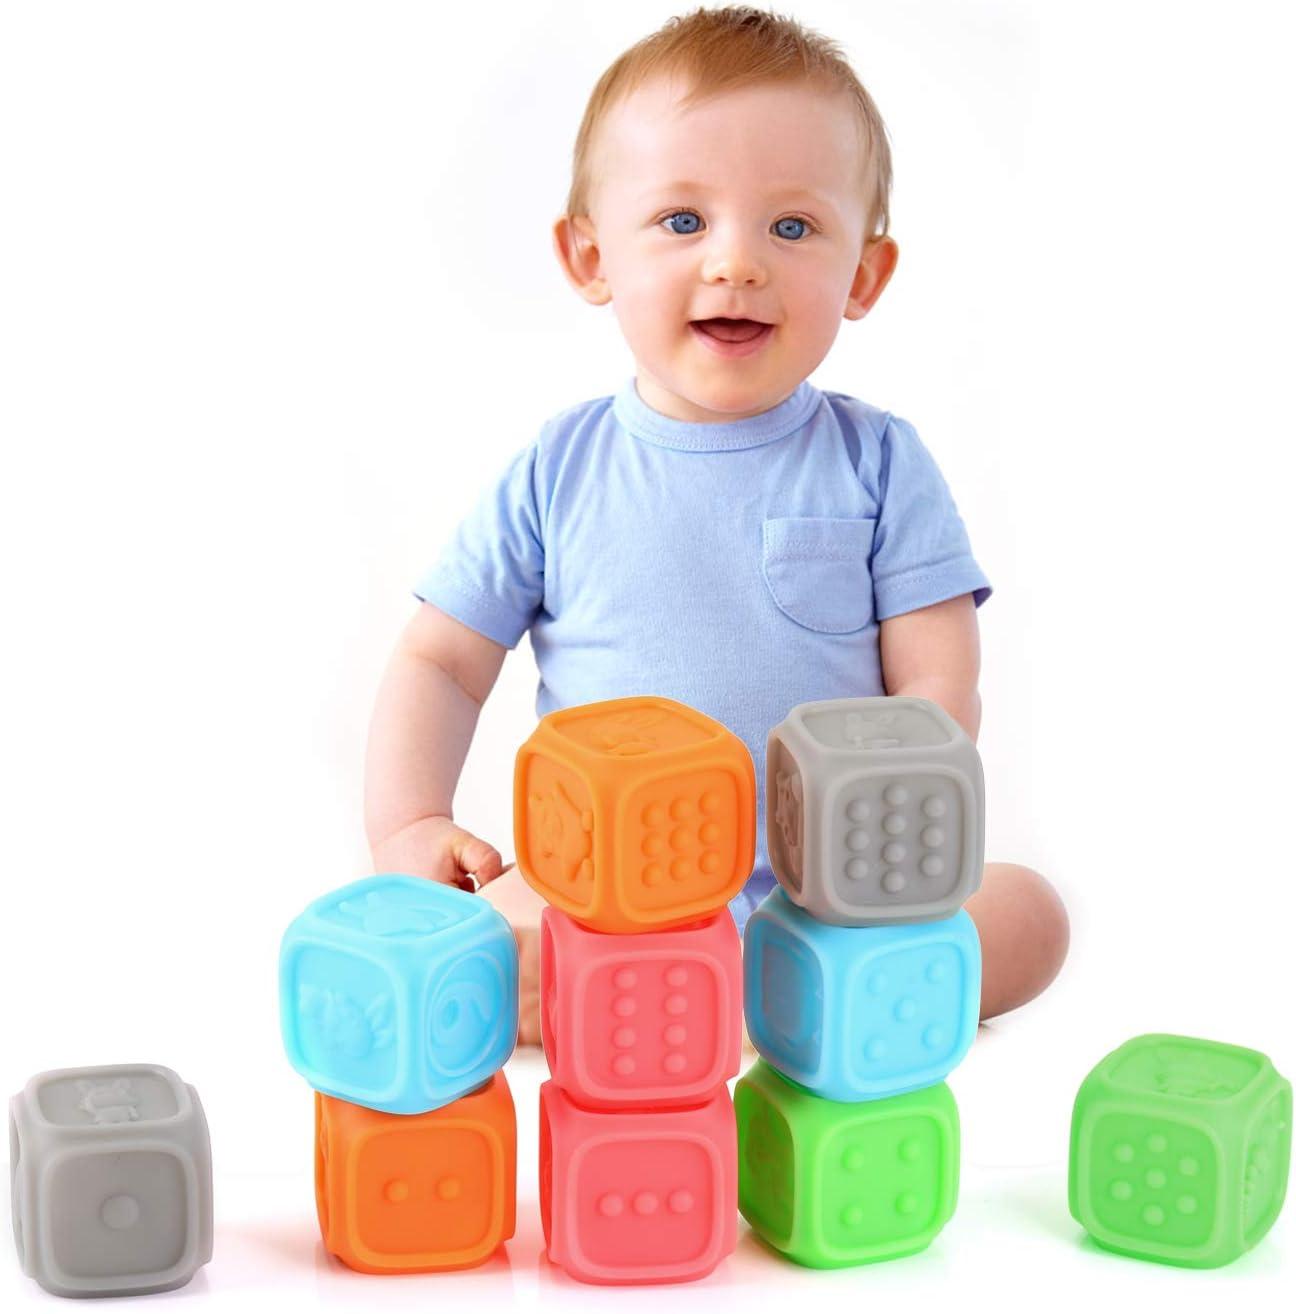 EKKONG Juguetes Bebes, 3D Bloques Suave para Bebés 0-3 años, Juguetes para Masticar la Dentición Juguetes Baño, Educativos Bloques con Números, Formas, Animales, Insectos (10pcs)